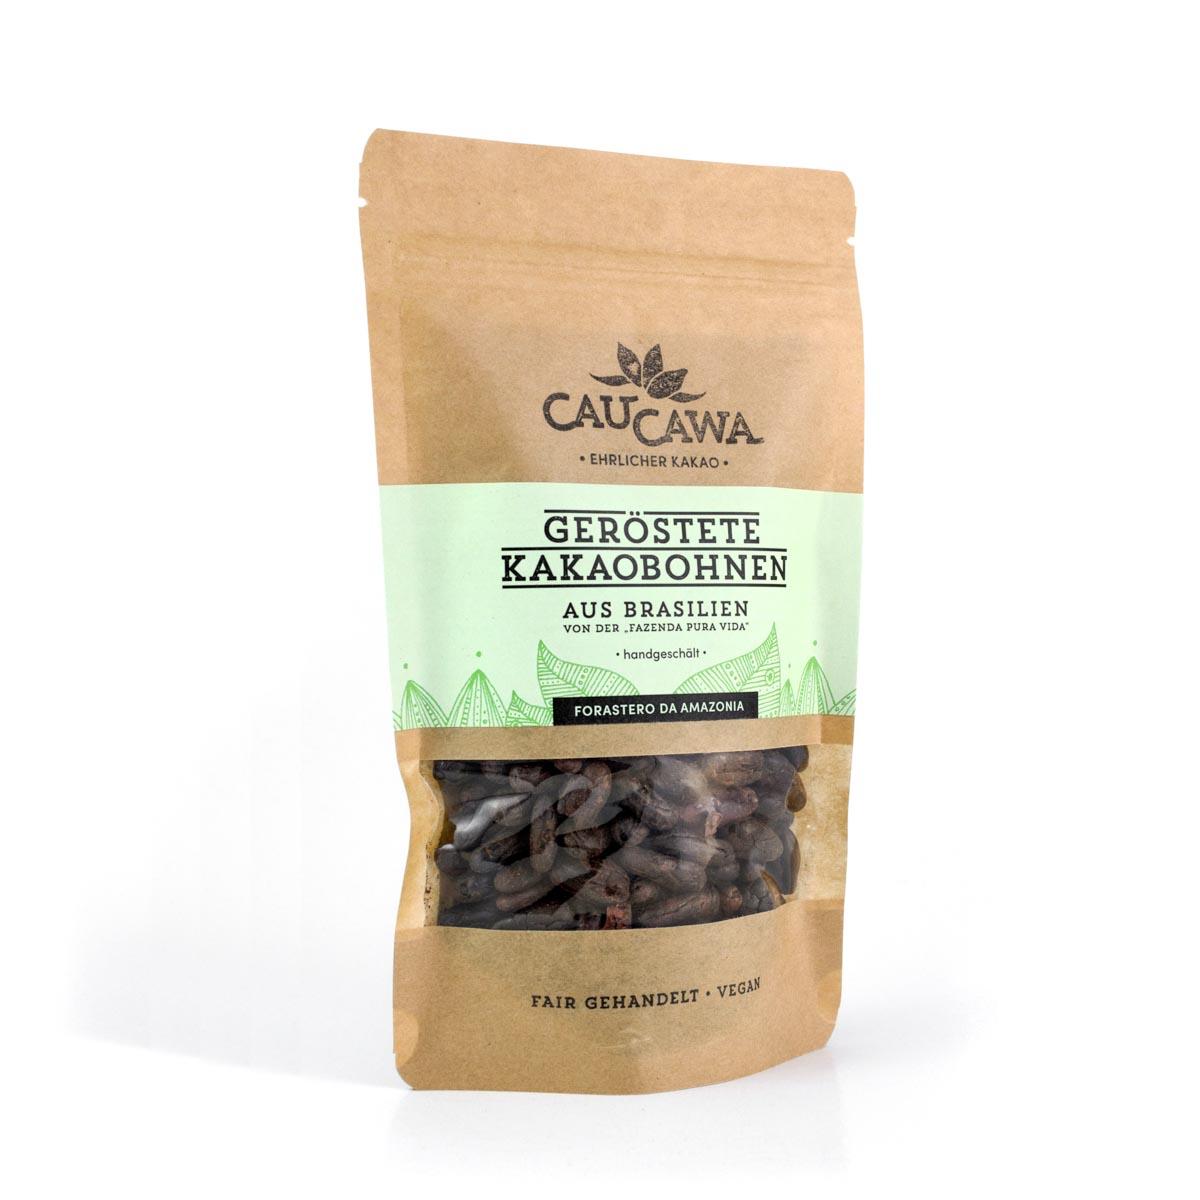 Kakaobohnen aus Brasilien – handgeschält